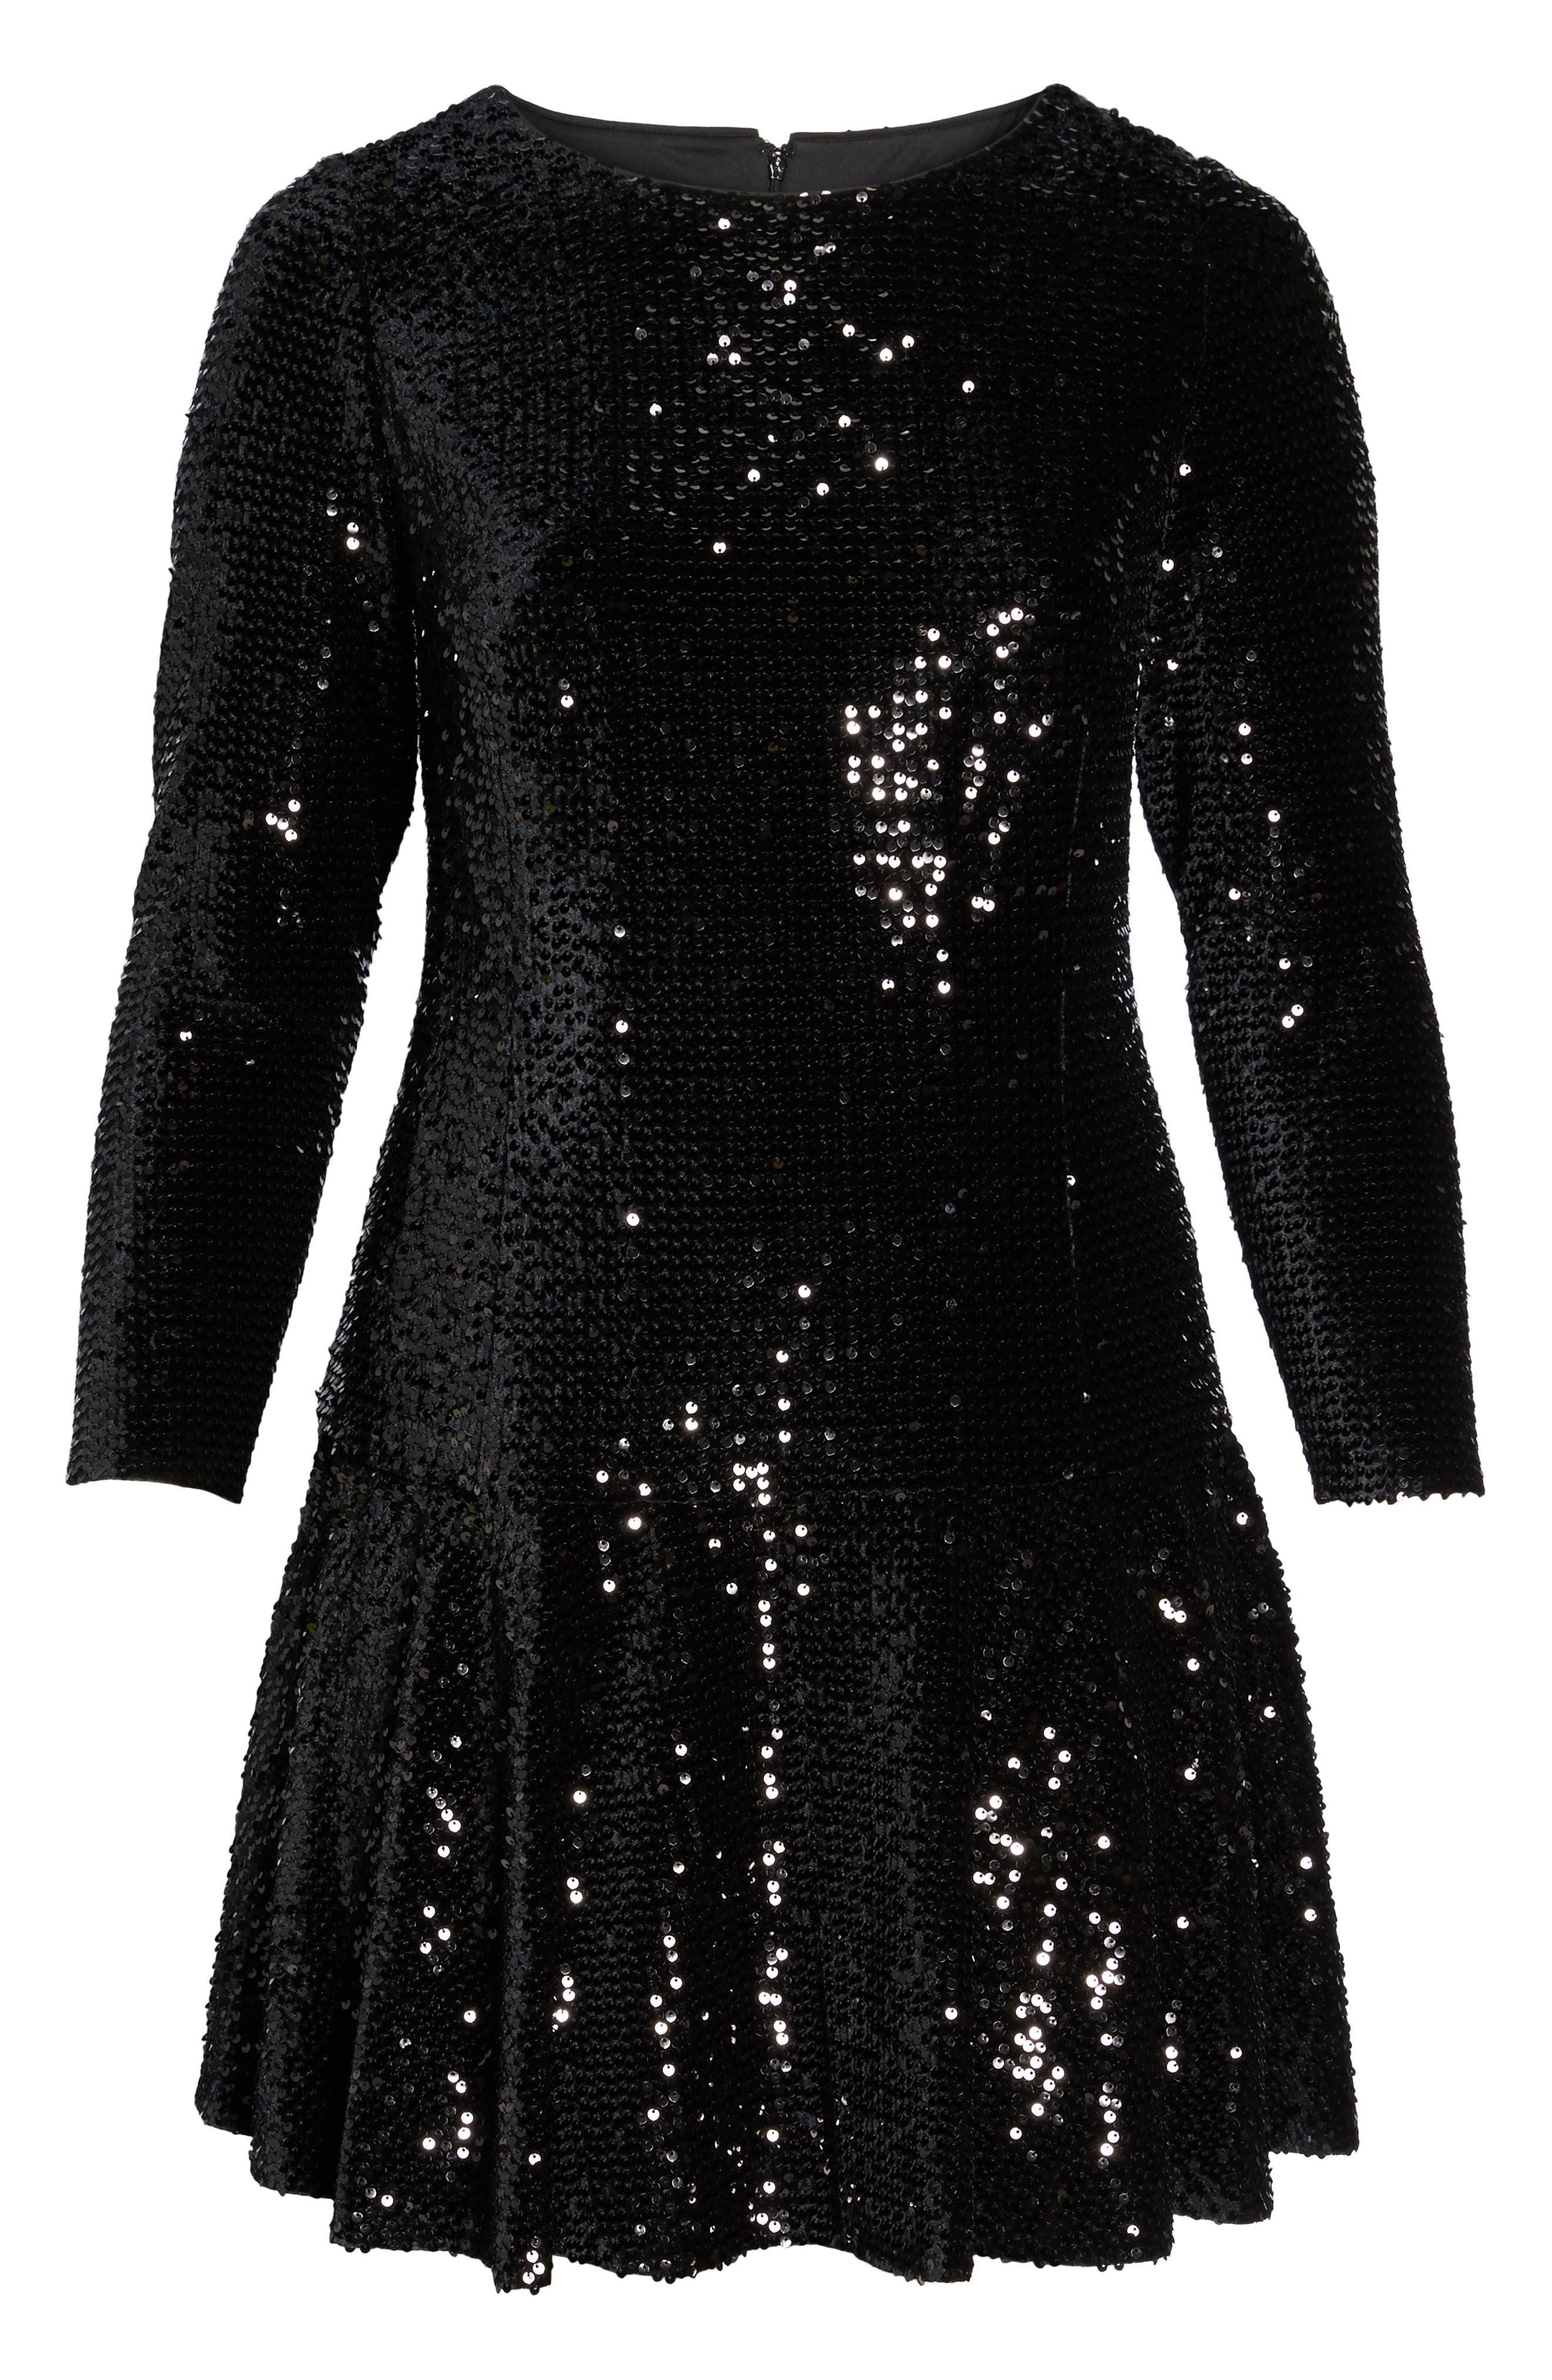 Sequin Drop Waist Dress,                             Alternate thumbnail 6, color,                             001